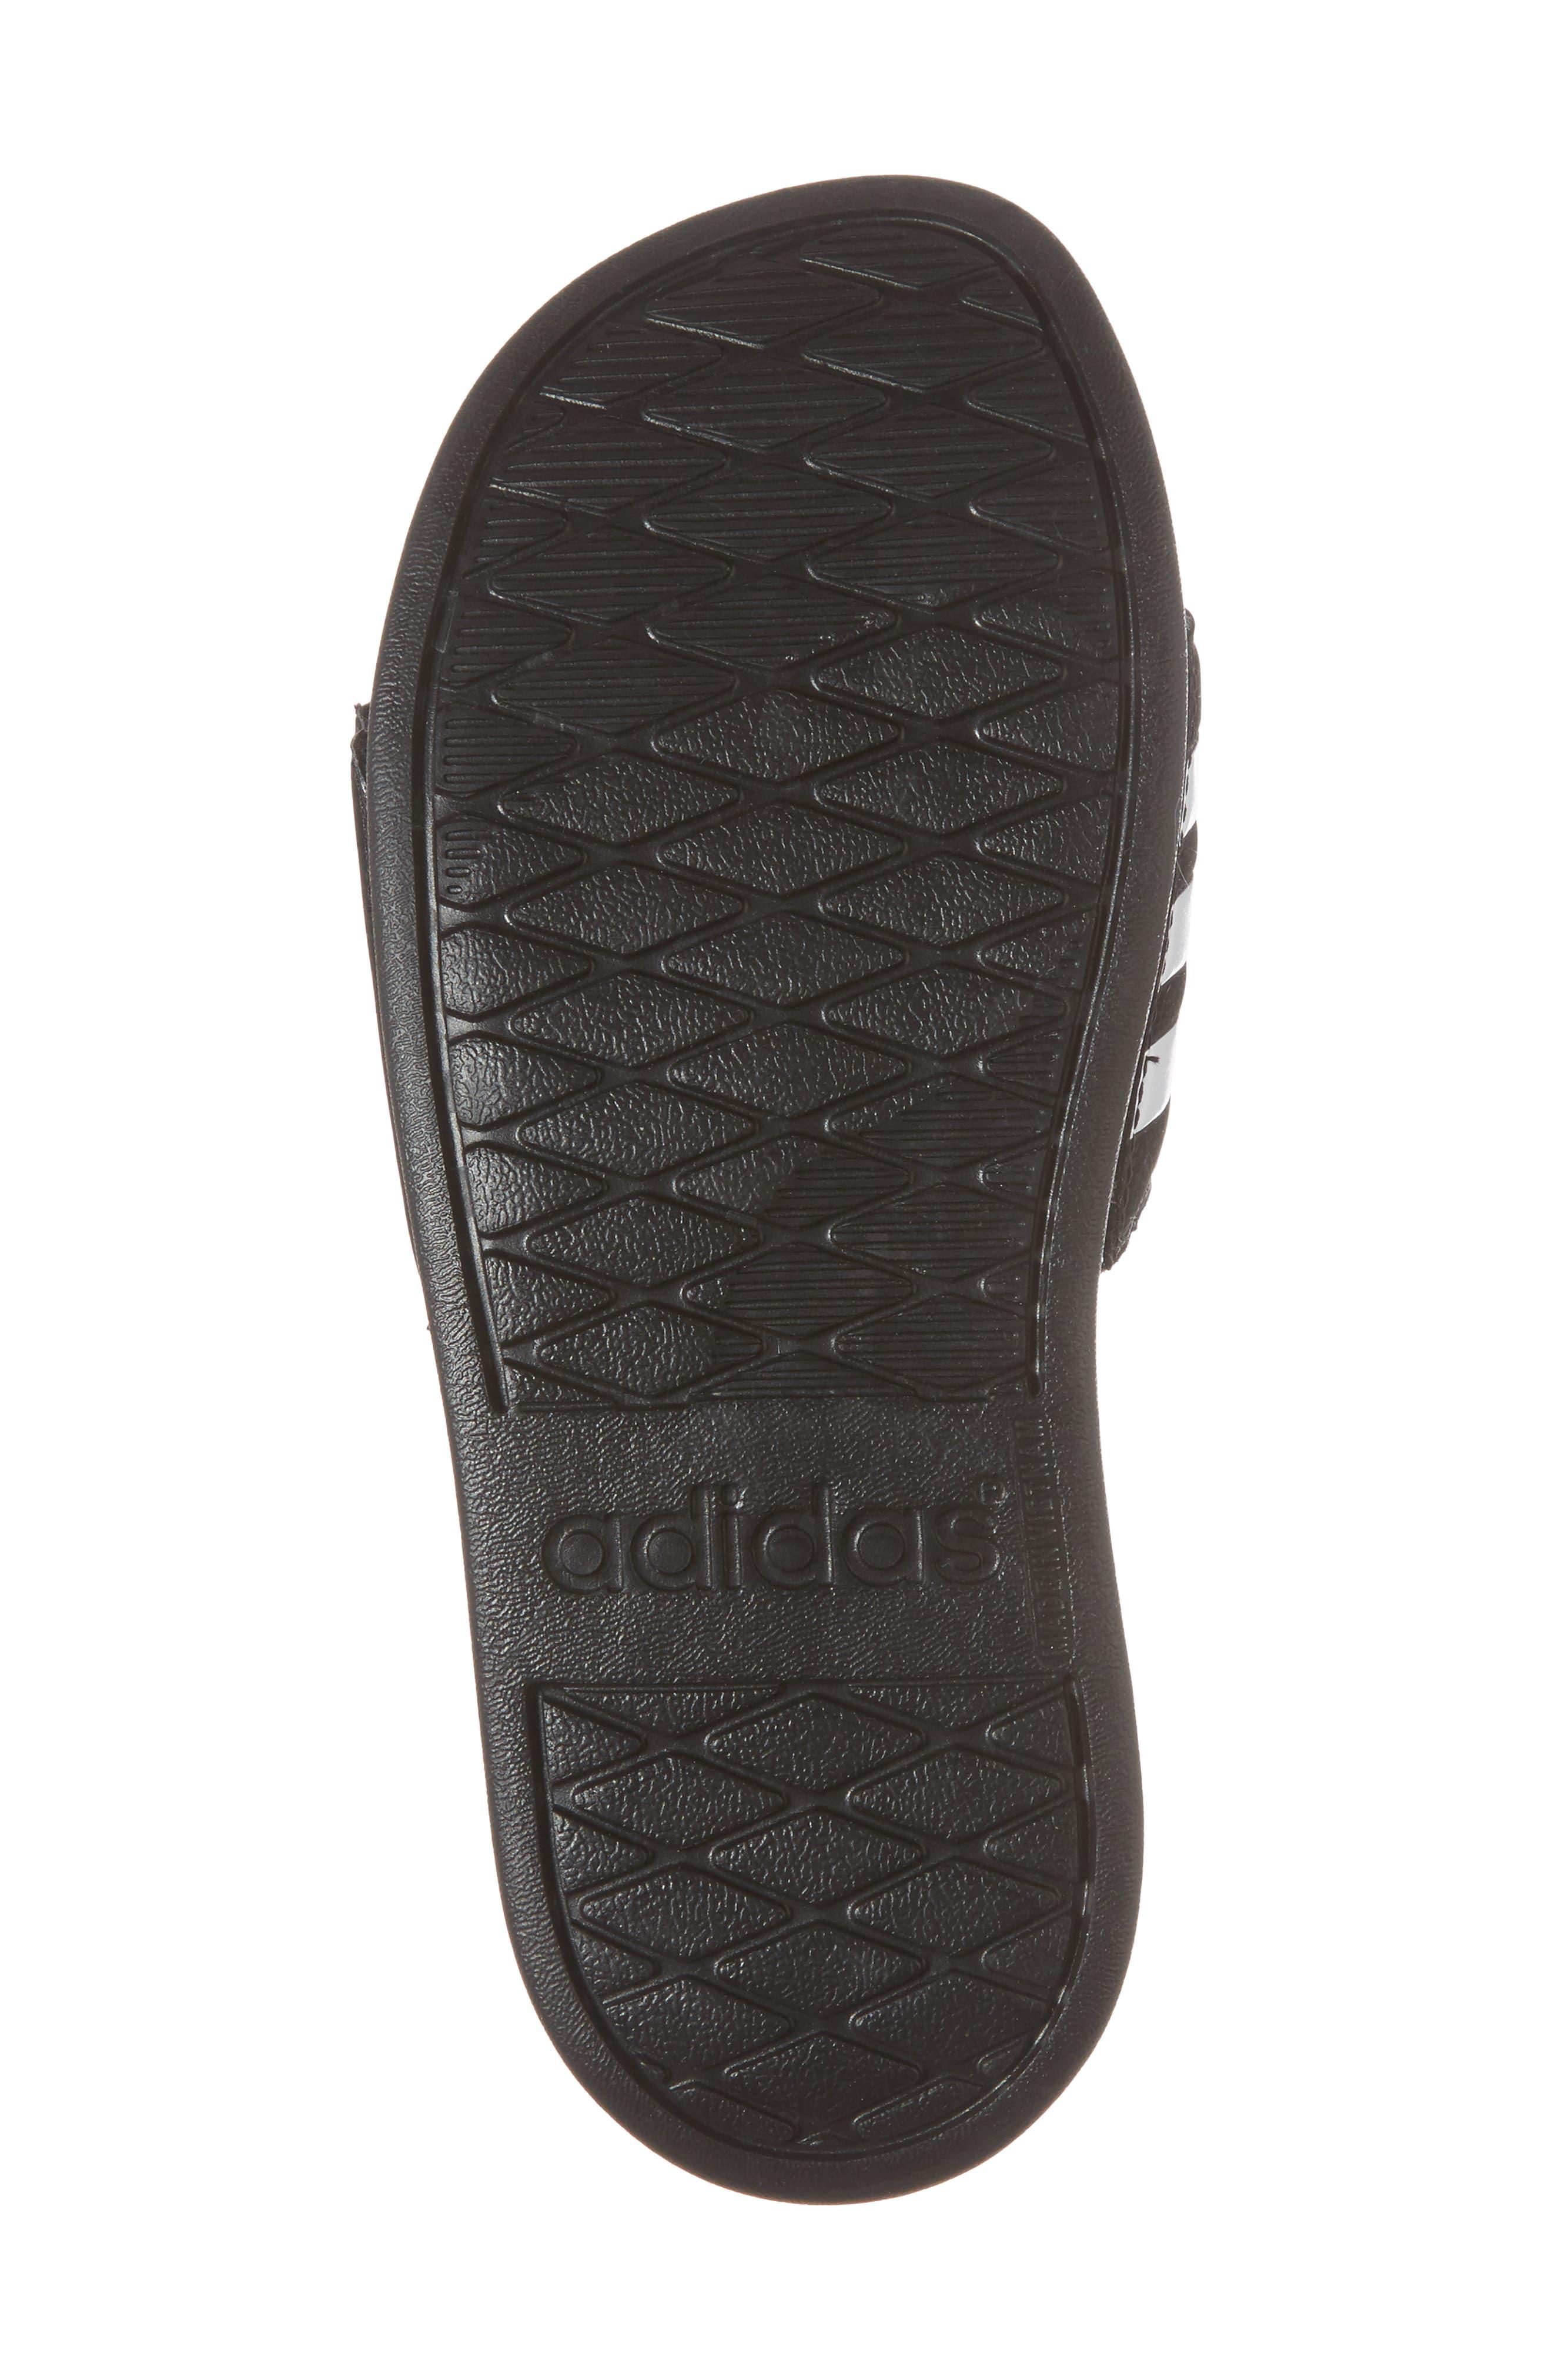 Adilette Slide Sandal,                             Alternate thumbnail 6, color,                             BLACK/ WHITE